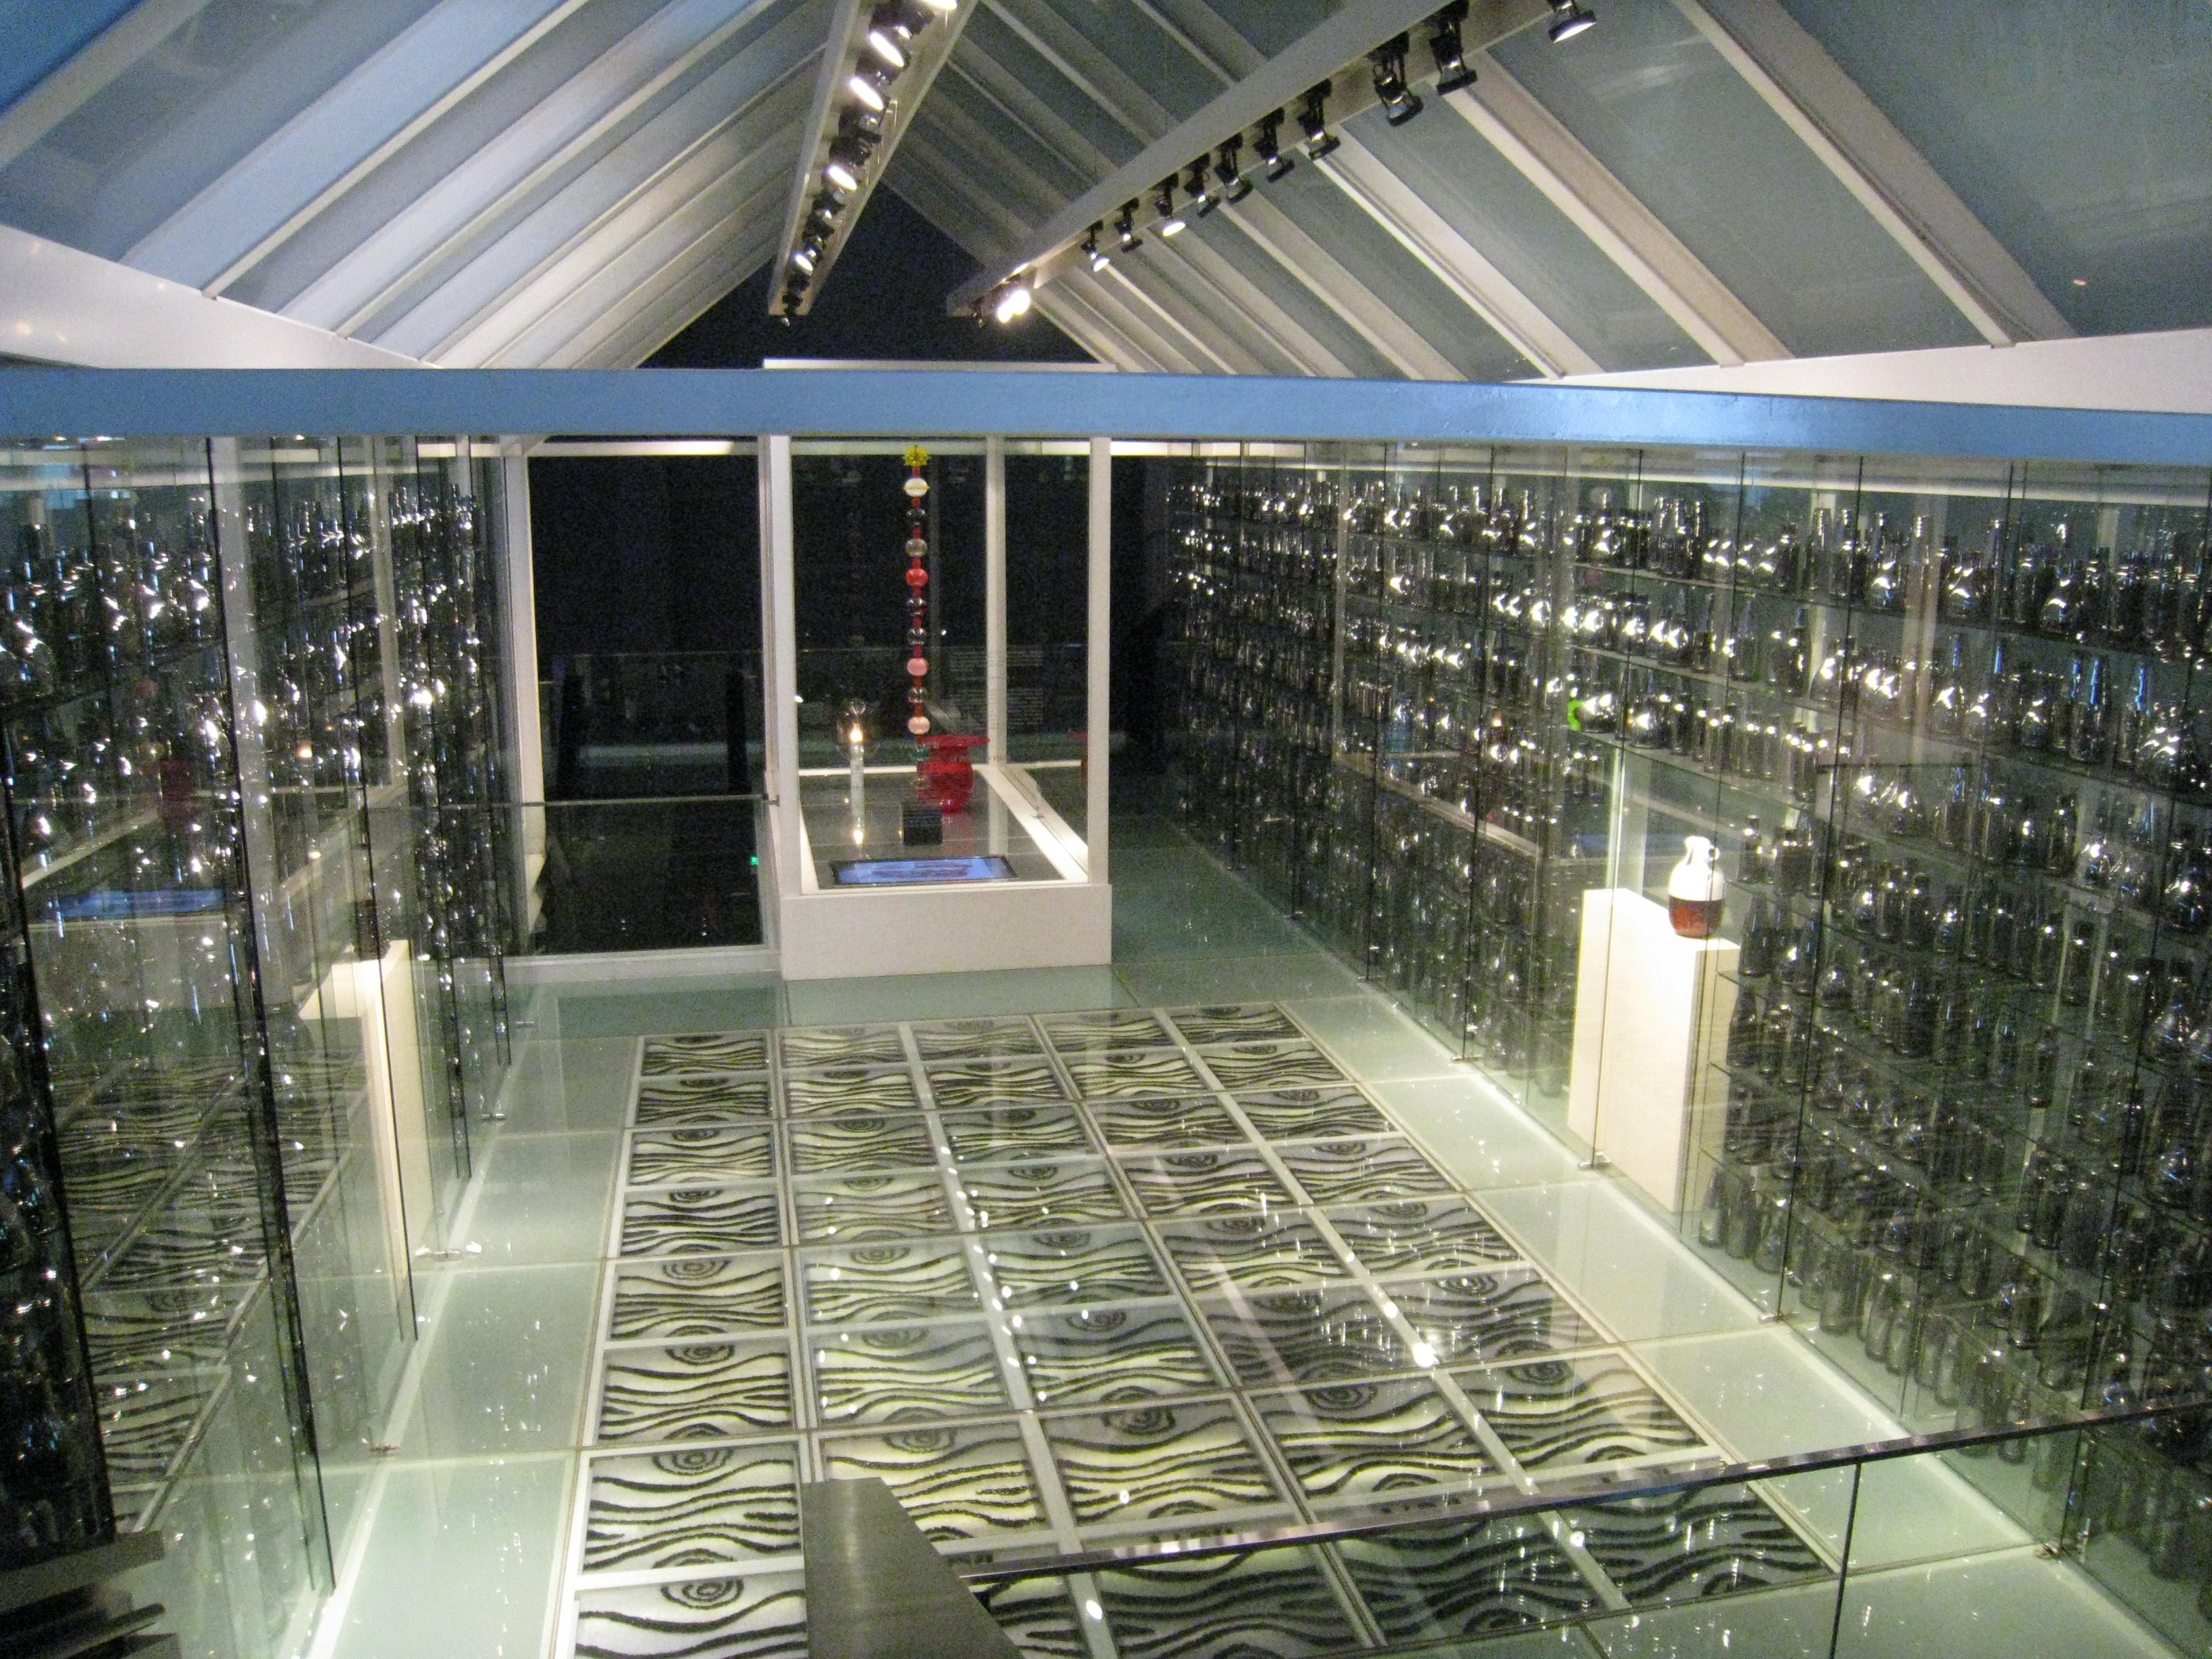 上海玻璃博物馆|上海游记-携程旅行